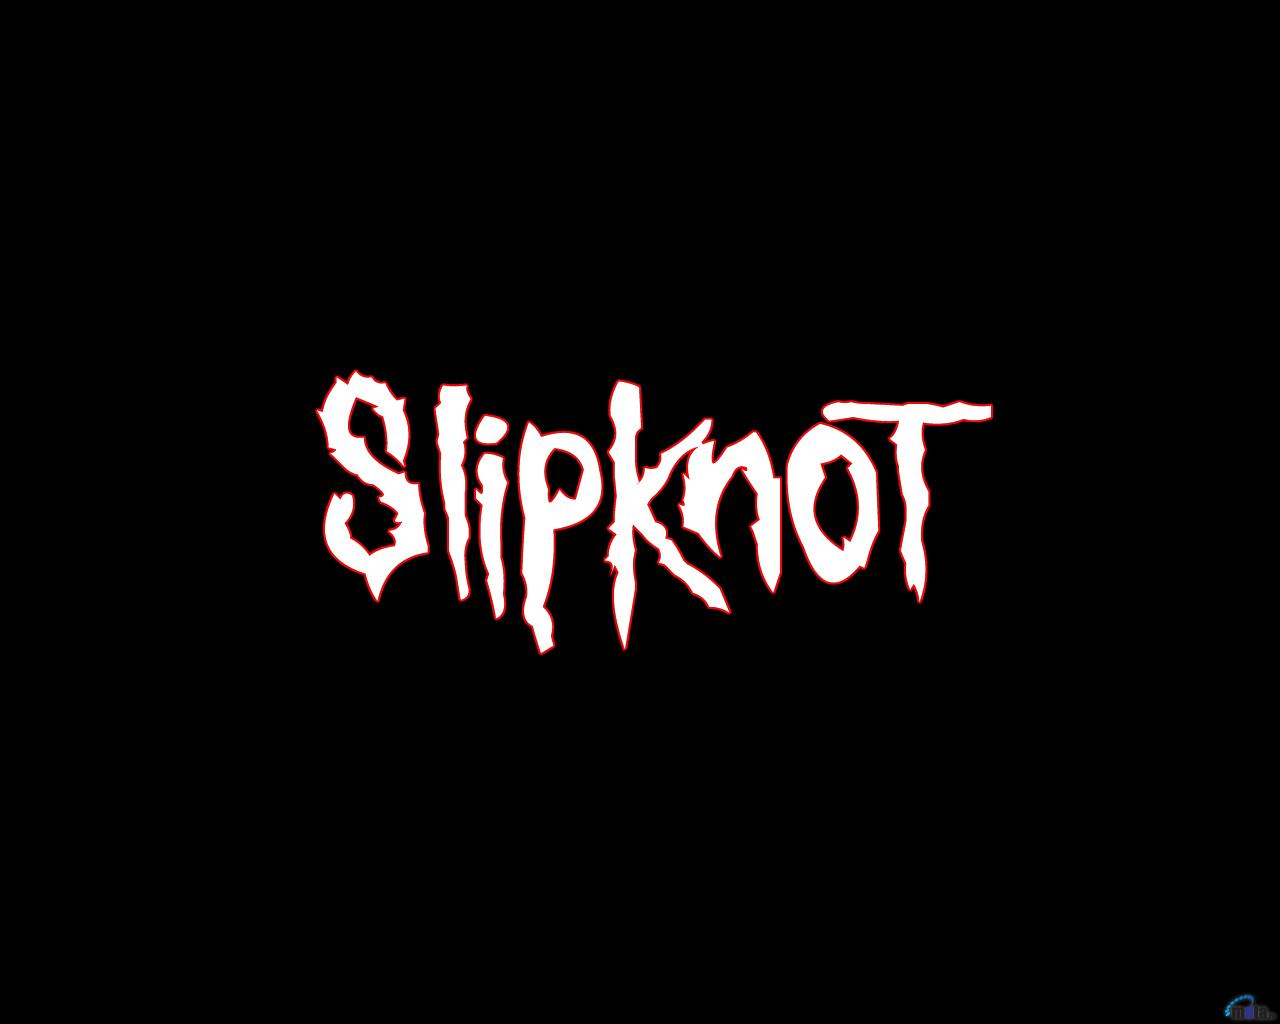 Wallpaper clean Slipknot logo Logos de slipknot 1280x1024